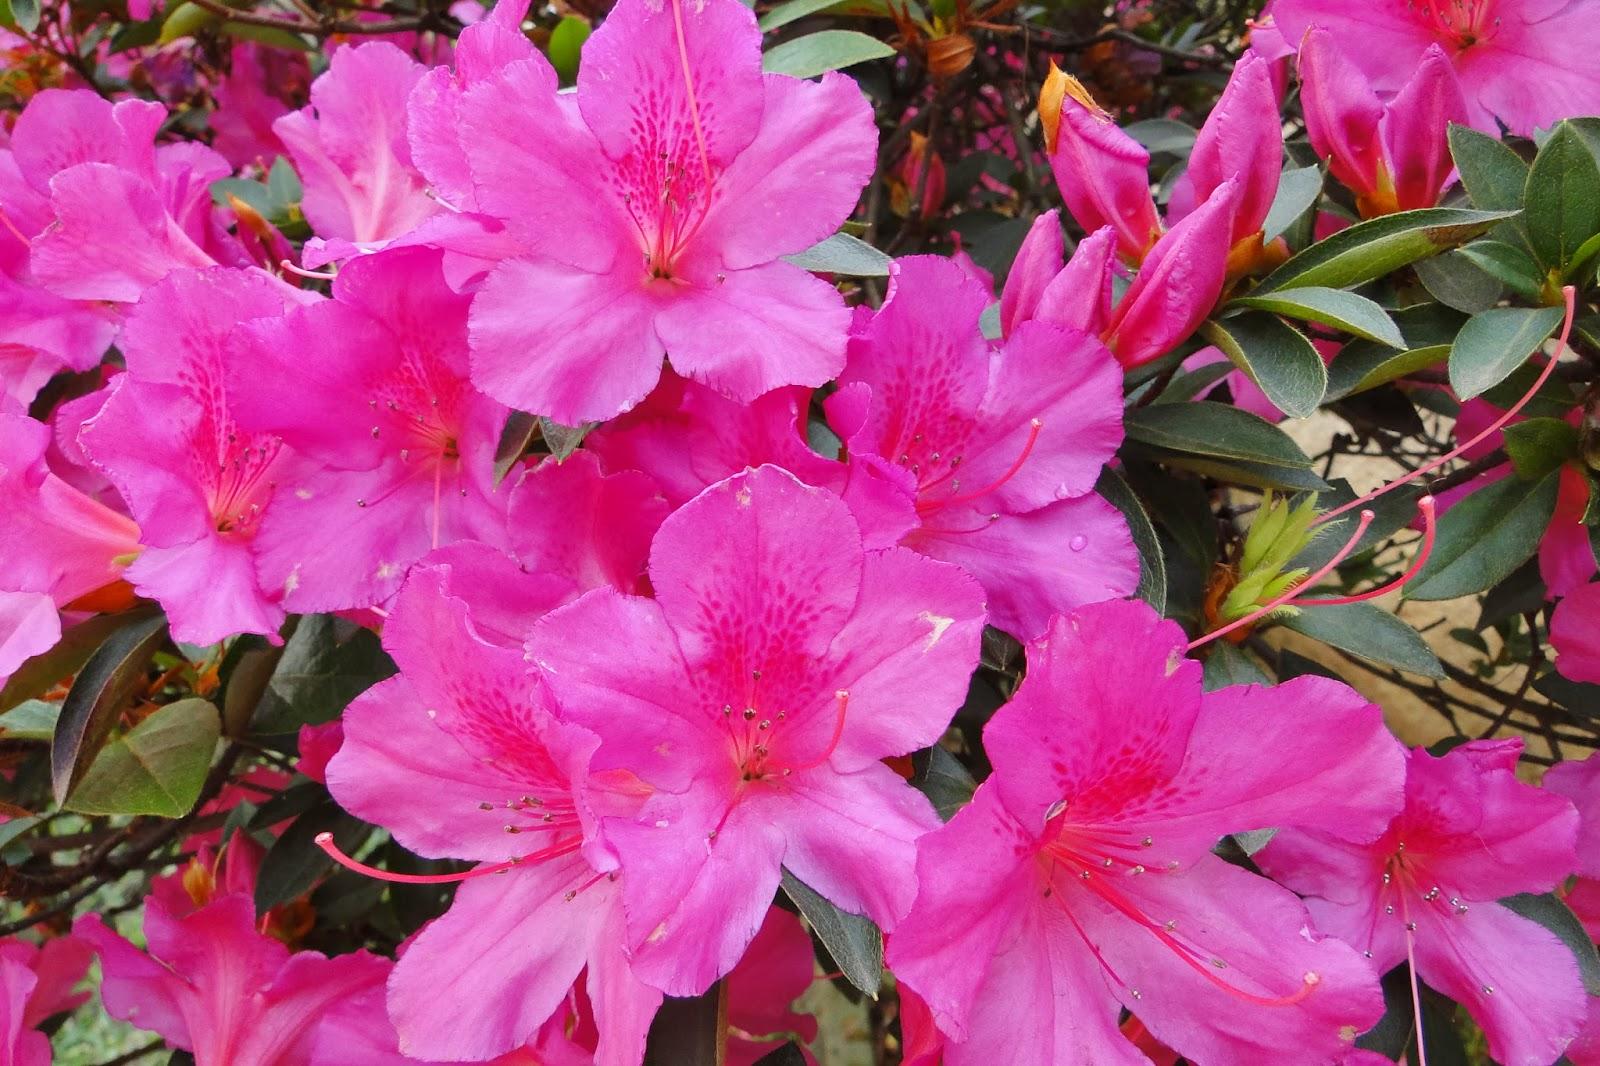 flores para jardim que aguentam solsolar quando não estão floridas